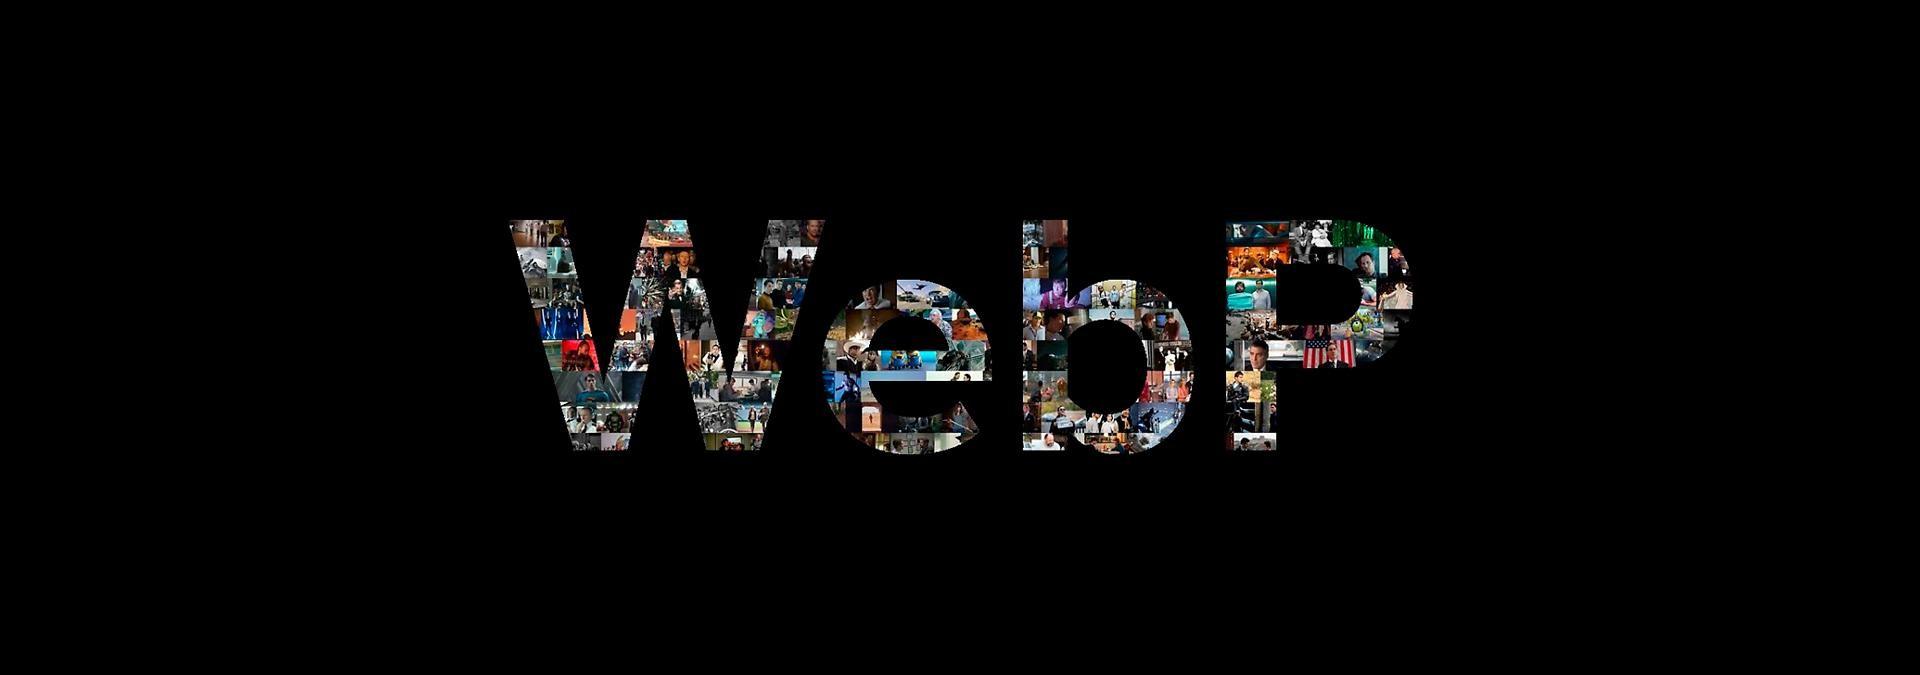 Usando imágenes en formato WebP en tu WordPress